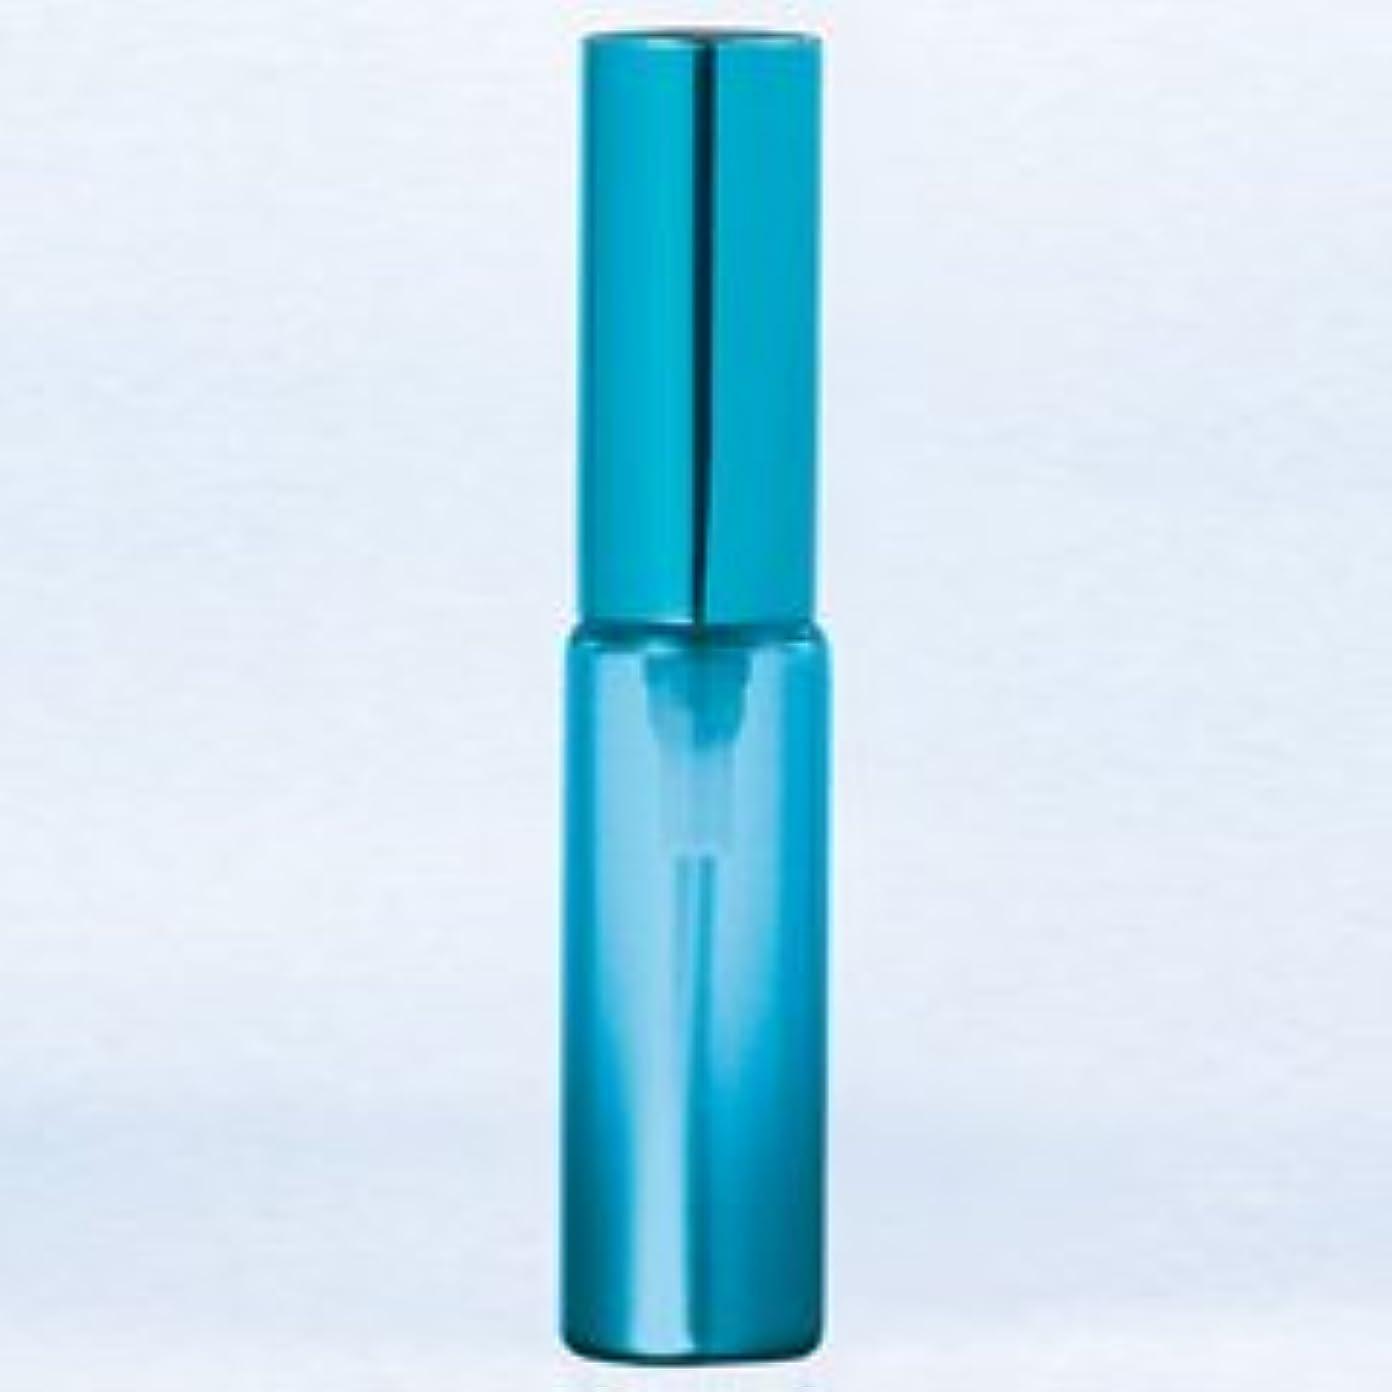 口径ルーアクセル【ヤマダアトマイザー】グラスアトマイザー プラスチックポンプ 無地 60402 メタリックグラデ ブルー アルミキャップ ブルー 4ml